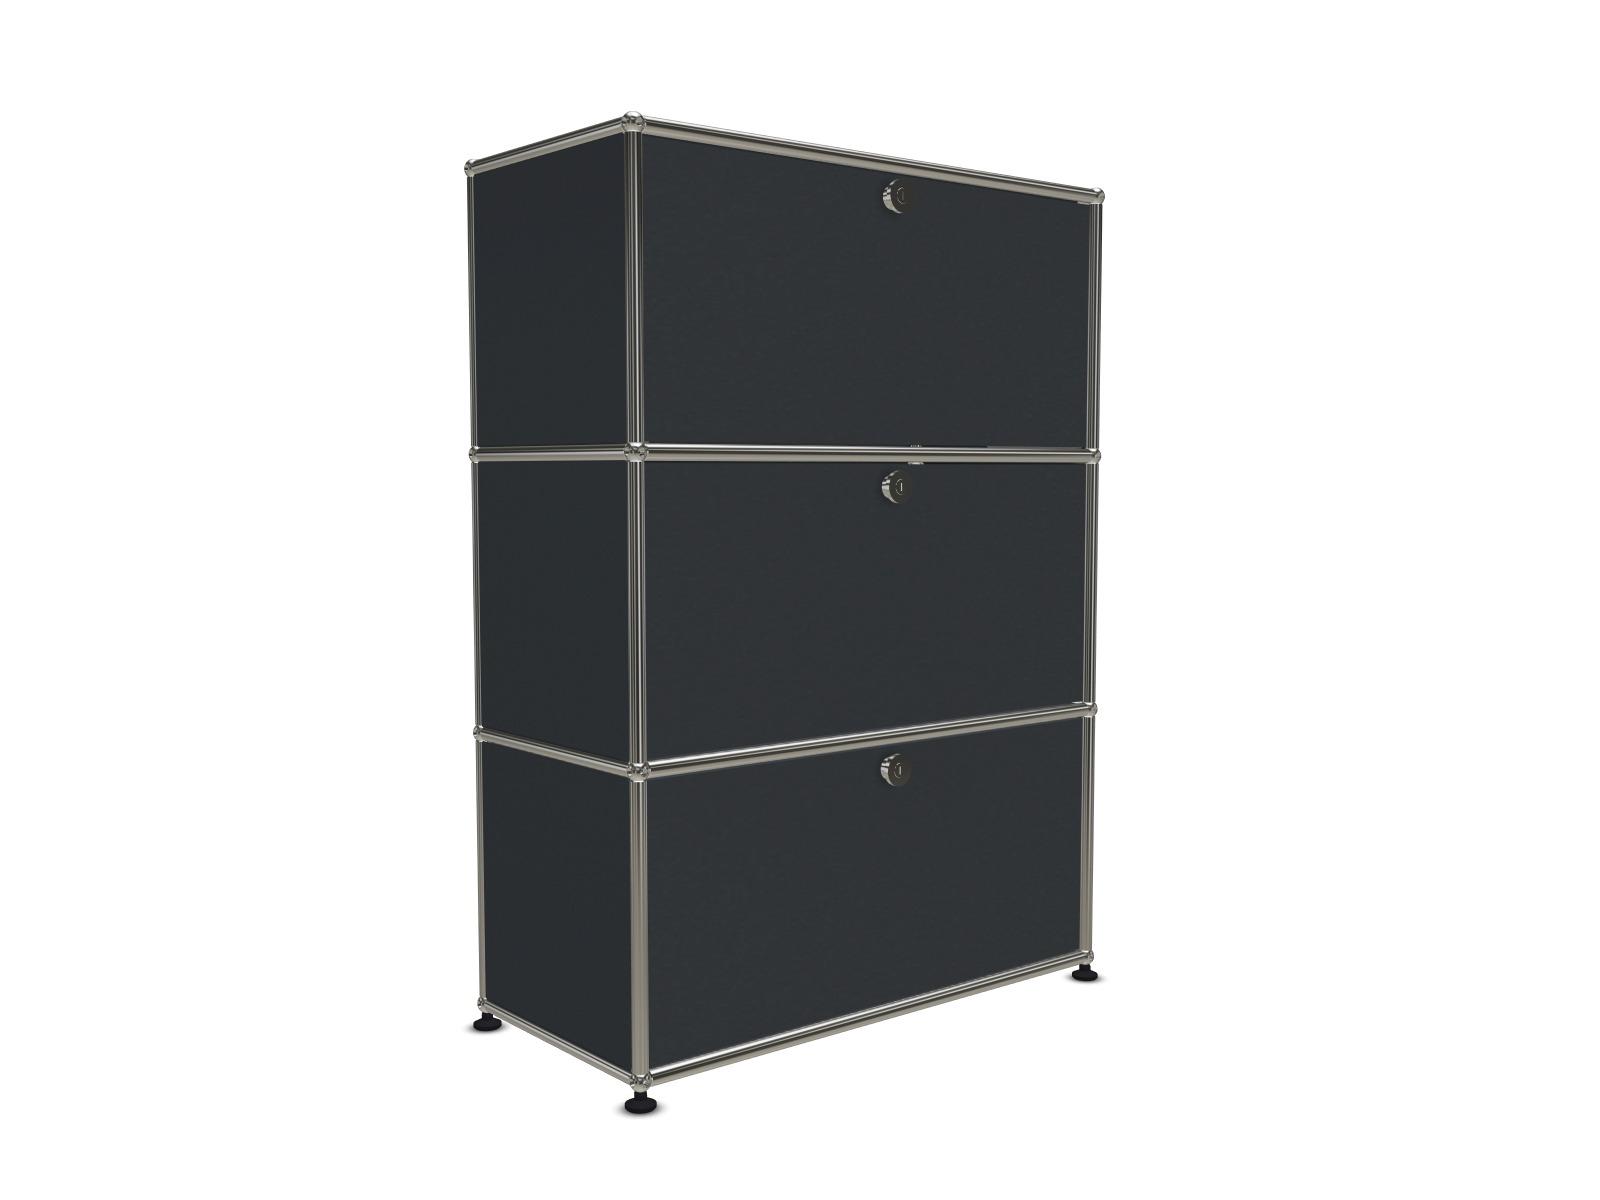 USM Haller shelf grey | pro office Shop